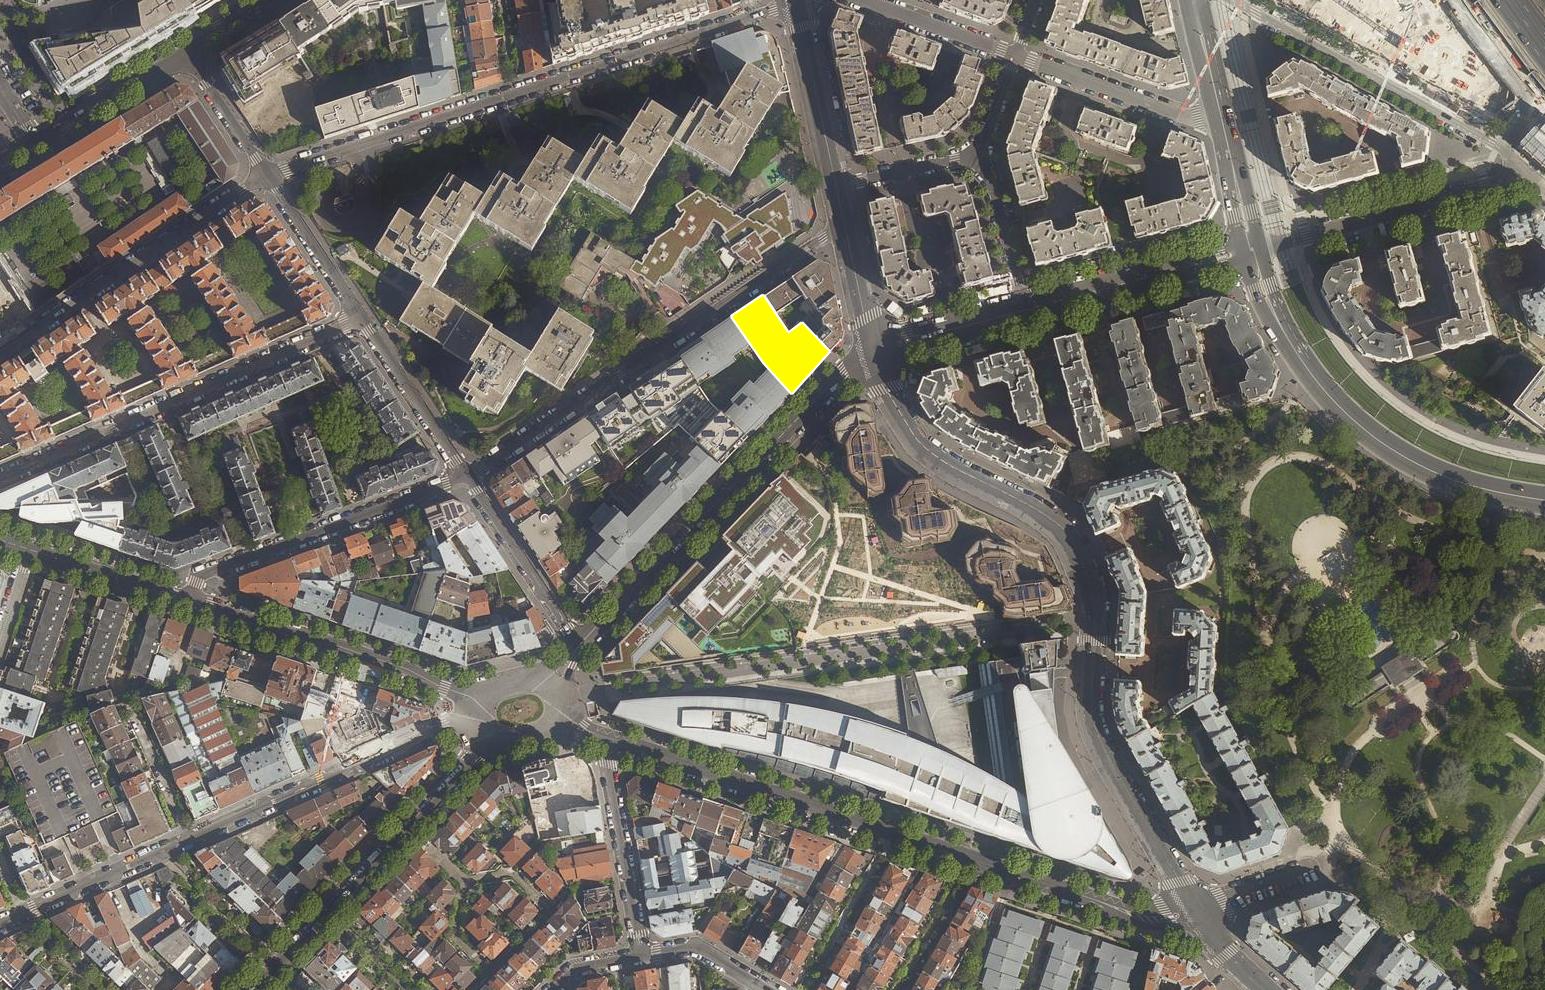 Concours, 50 logements, Danube, Paris 19 - Palast est retenu à concourir pour la construction de 50 logements à Paris 19 quartier Mouzaia pour Altarea Cogedim